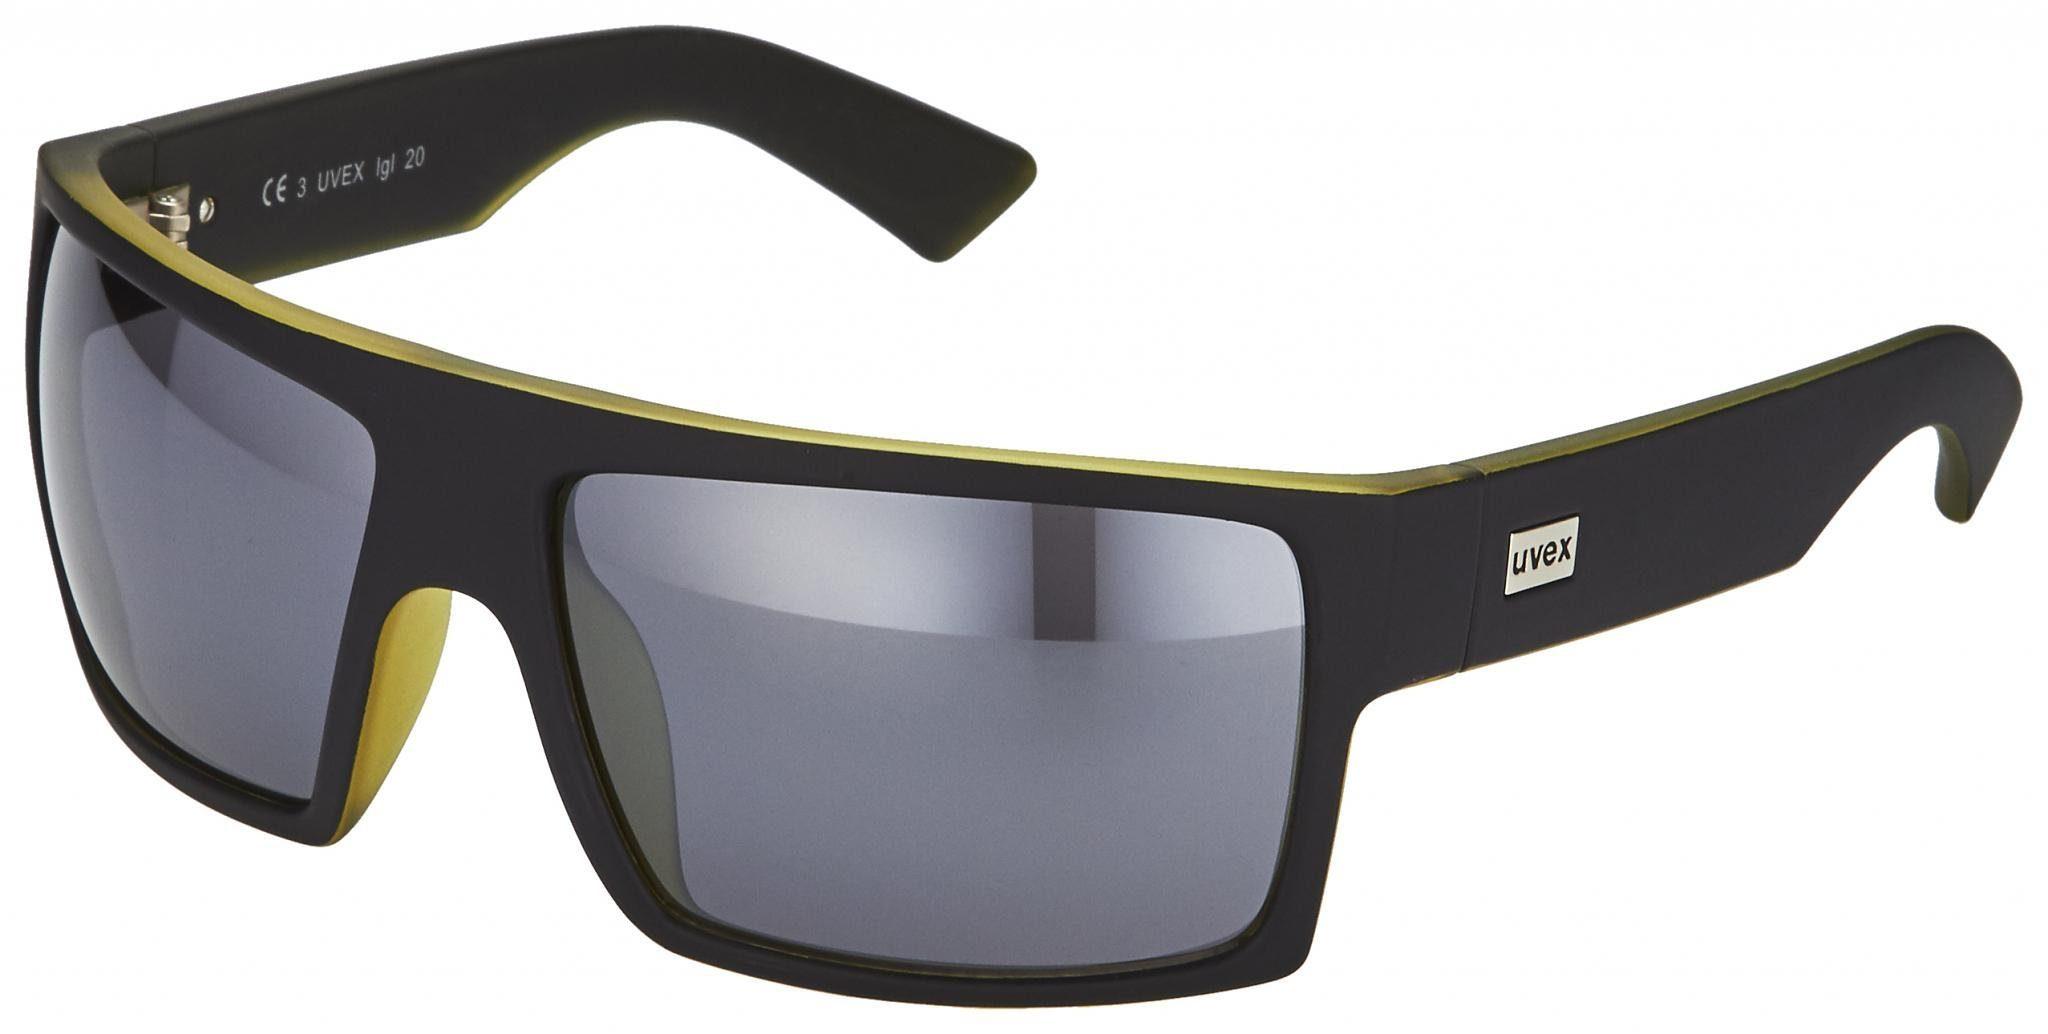 Uvex Radsportbrille »lgl 20 Brille«